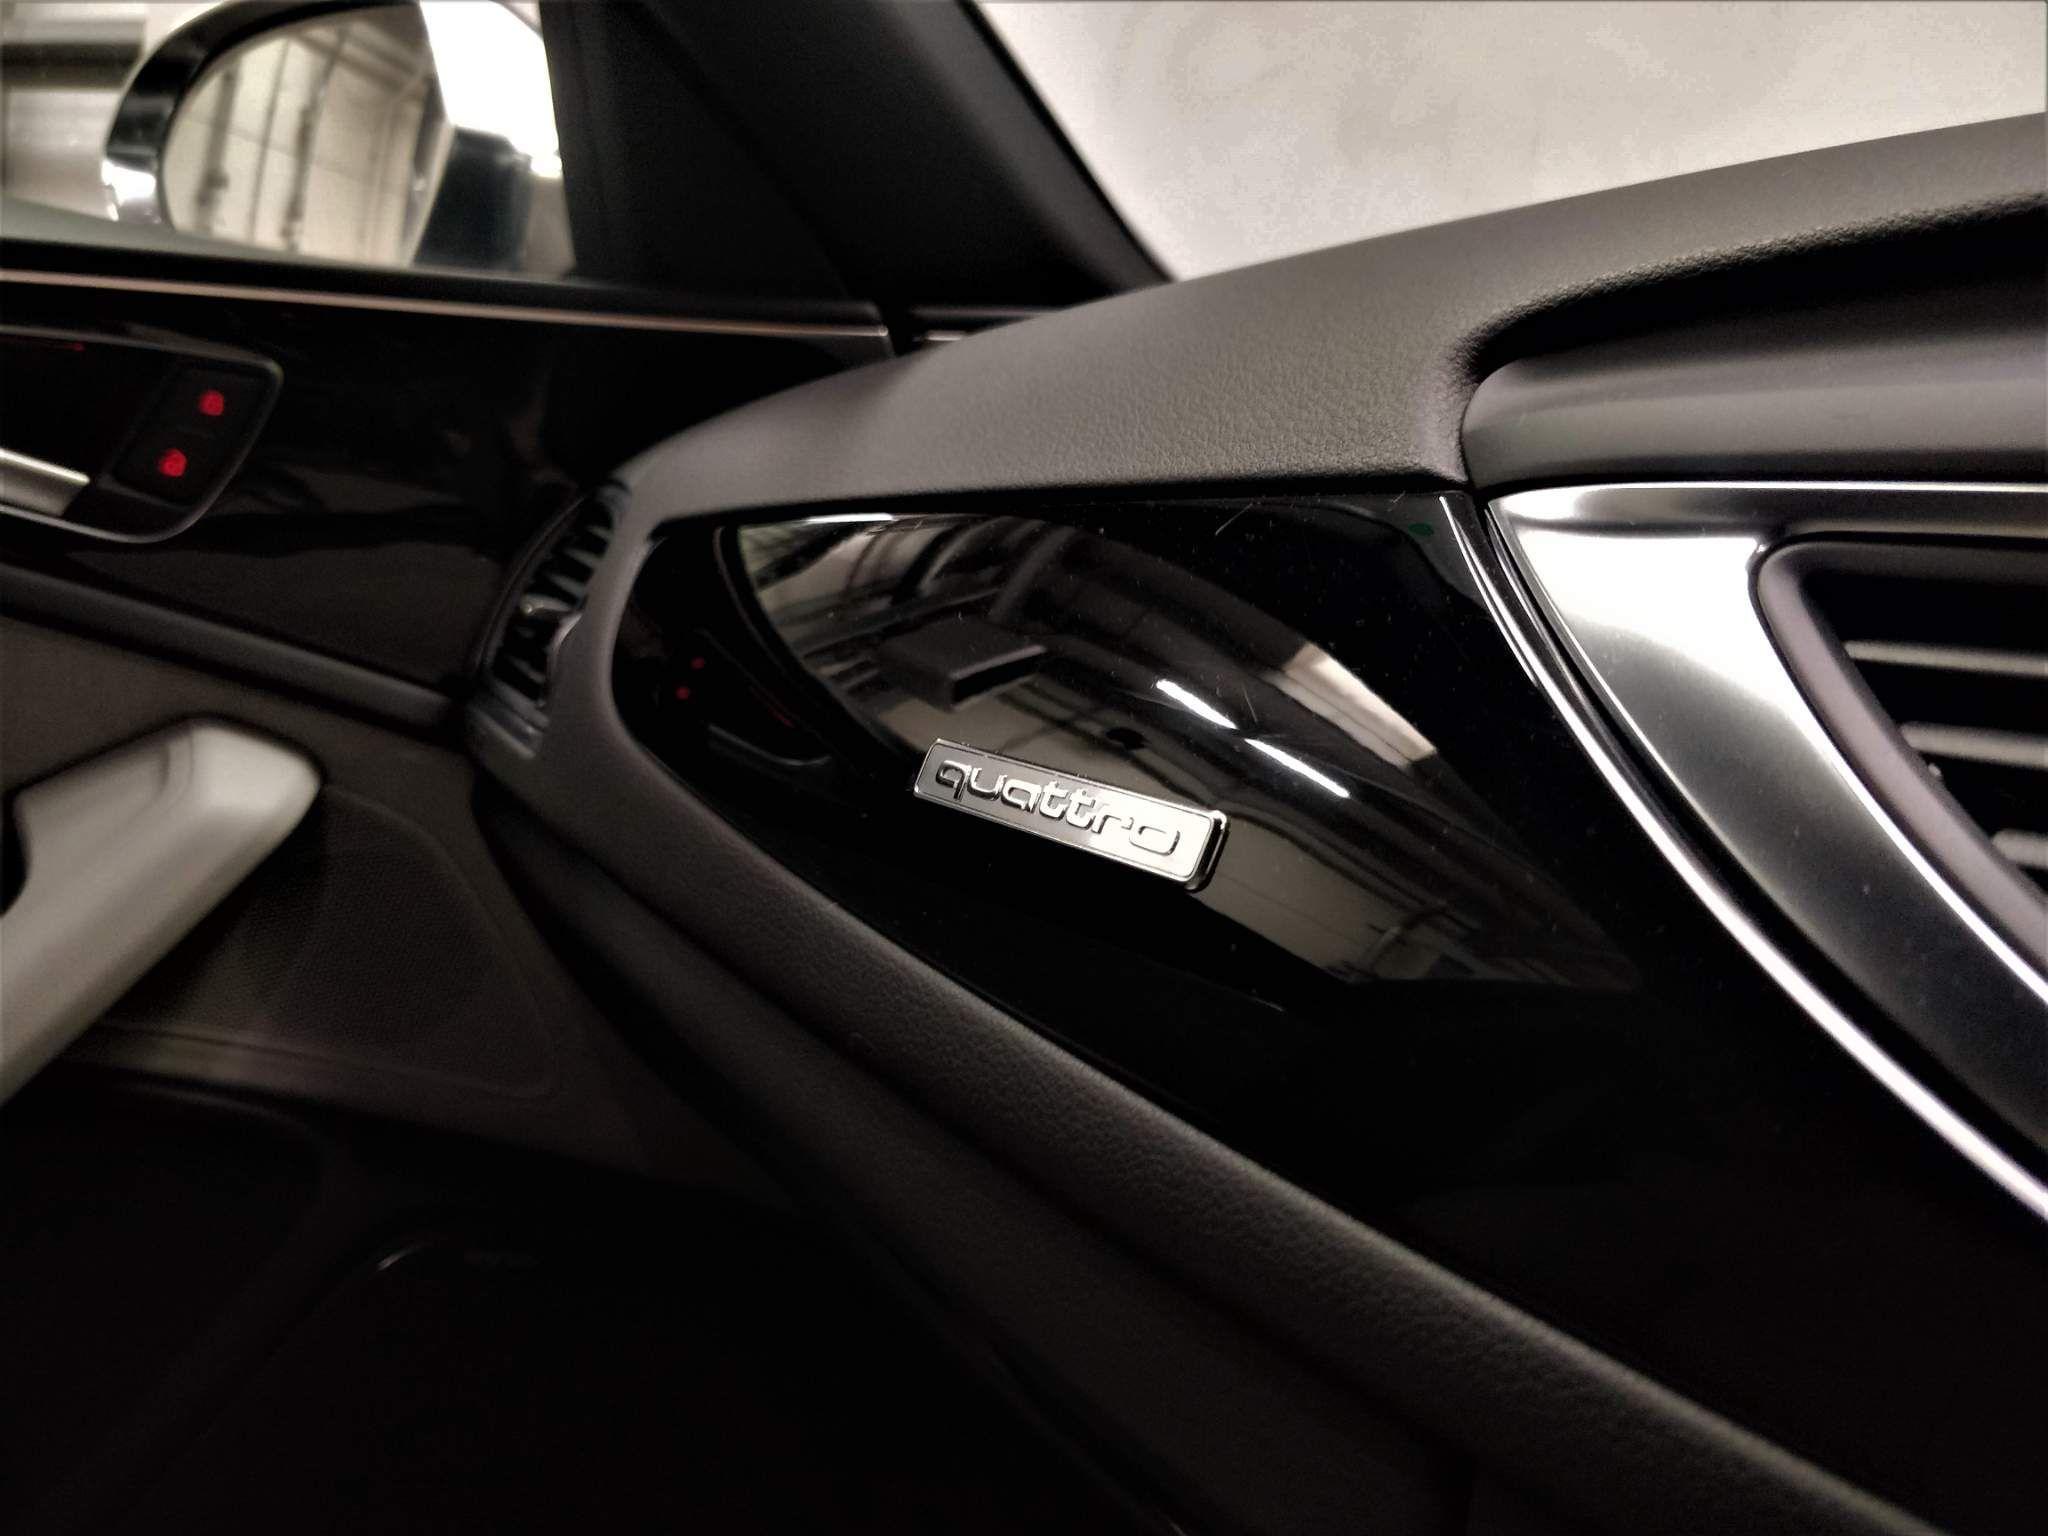 Audi S6 Images